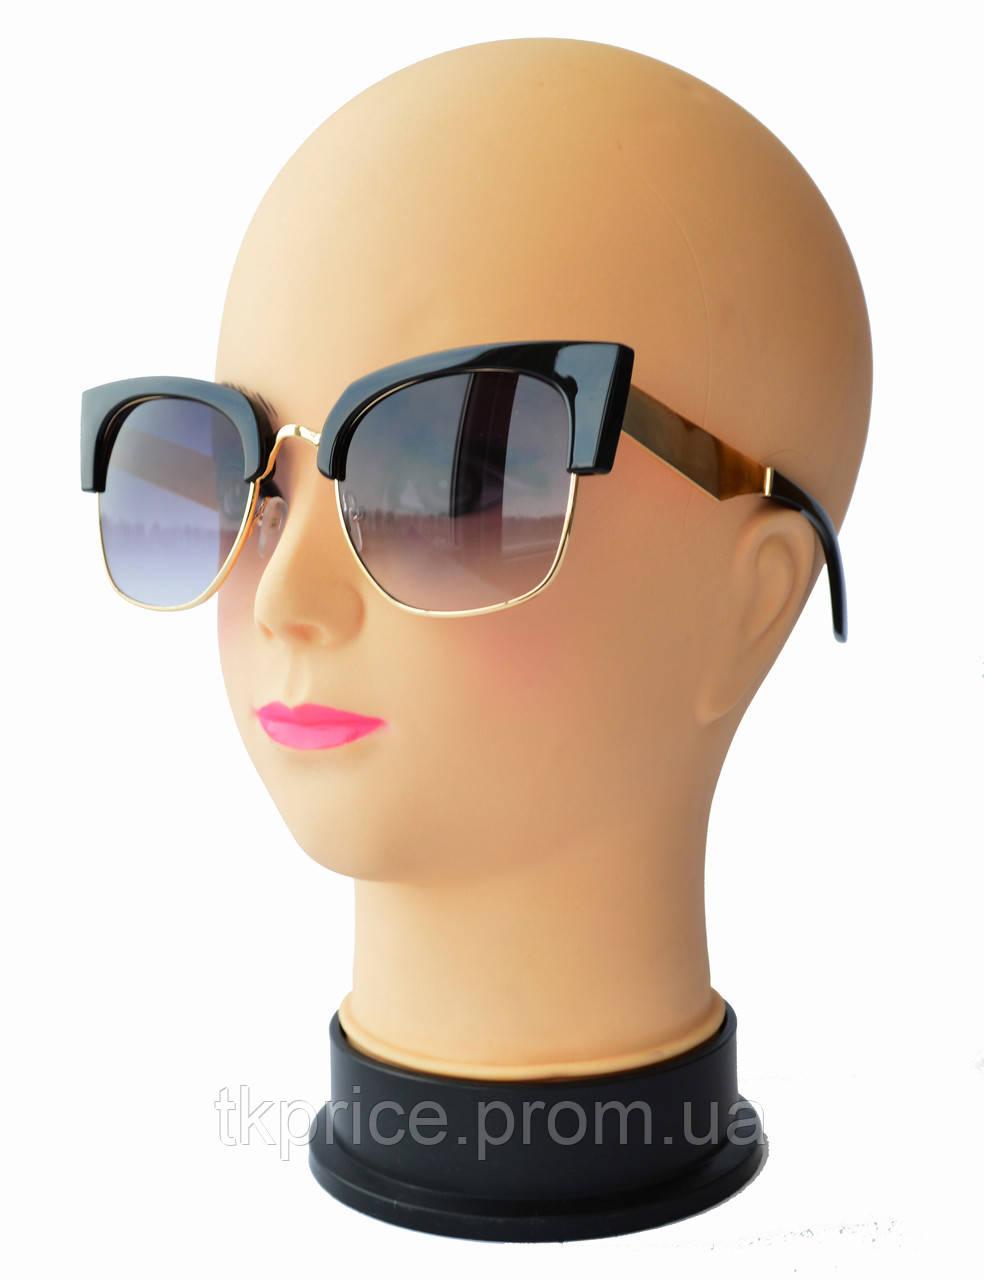 Стильные женские солнцезащитные очки 2823